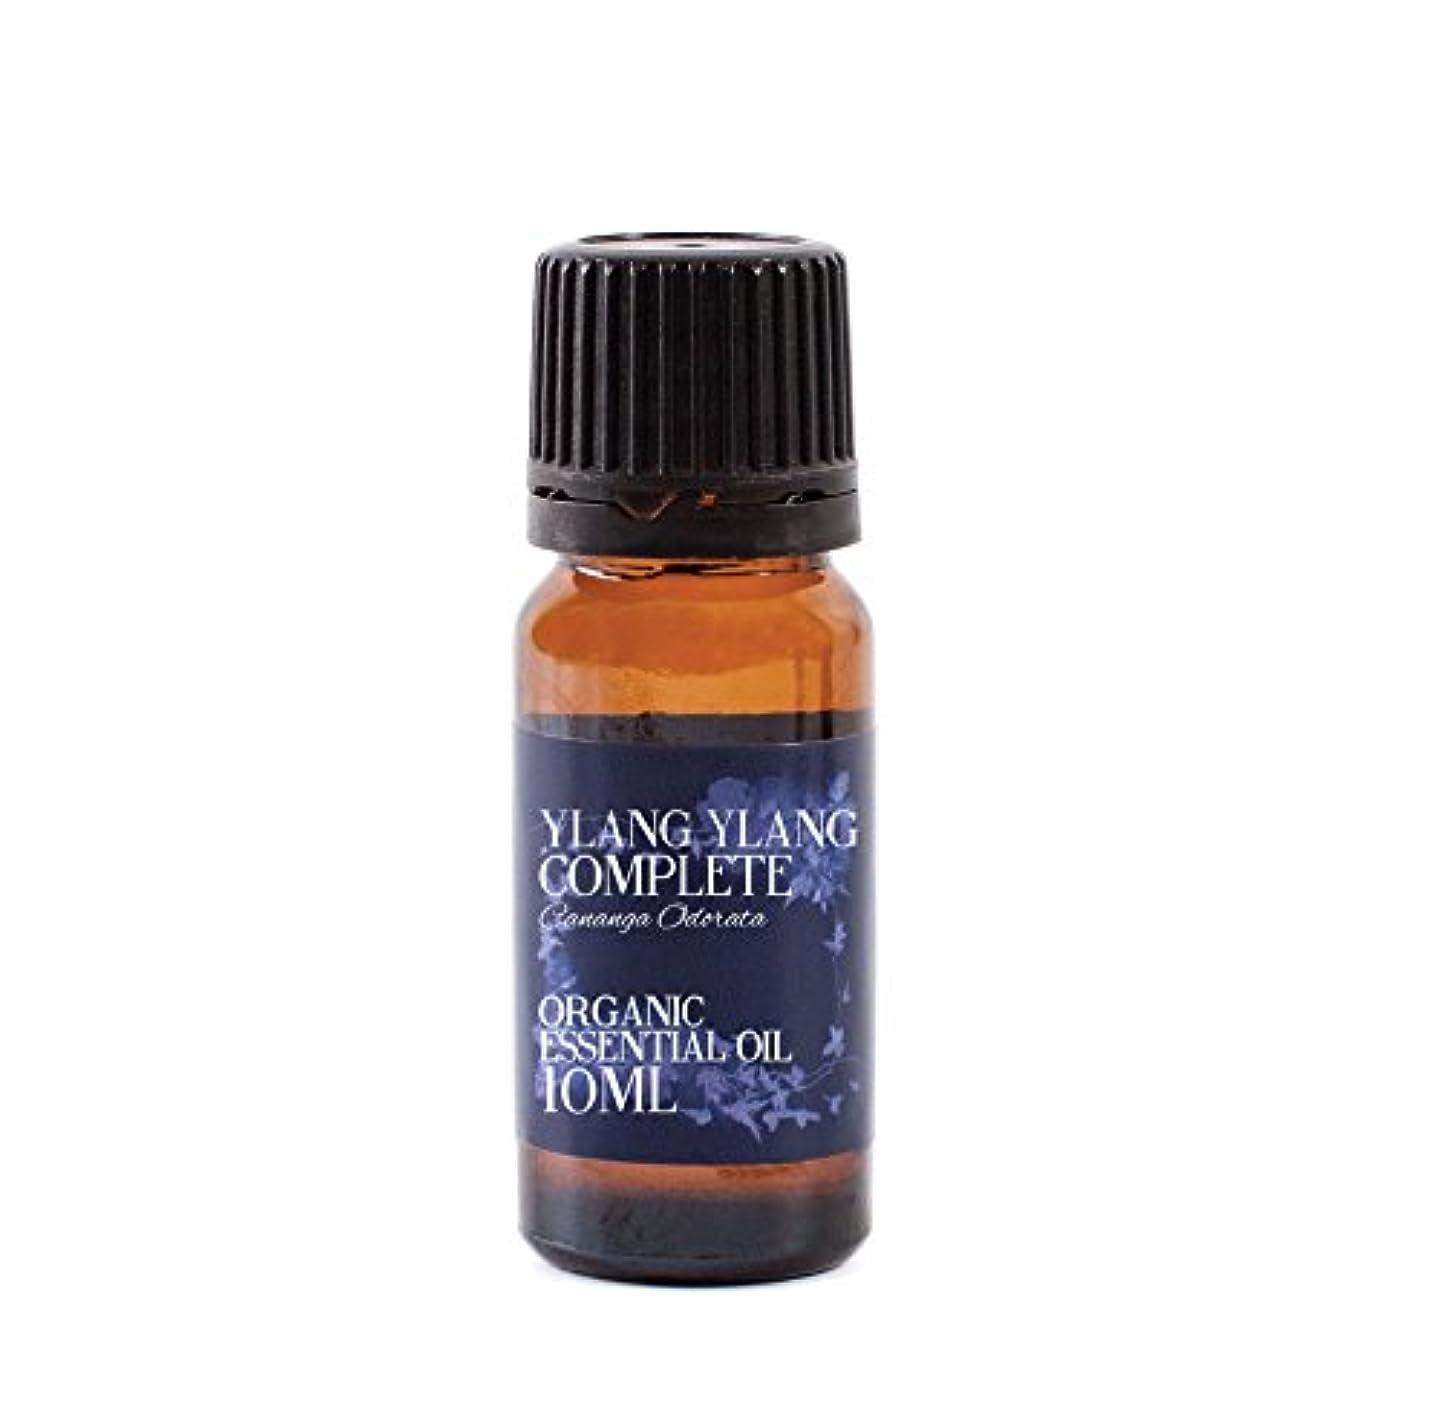 六分儀教師の日ディスクMystic Moments | Ylang Ylang Complete Organic Essential Oil - 10ml - 100% Pure